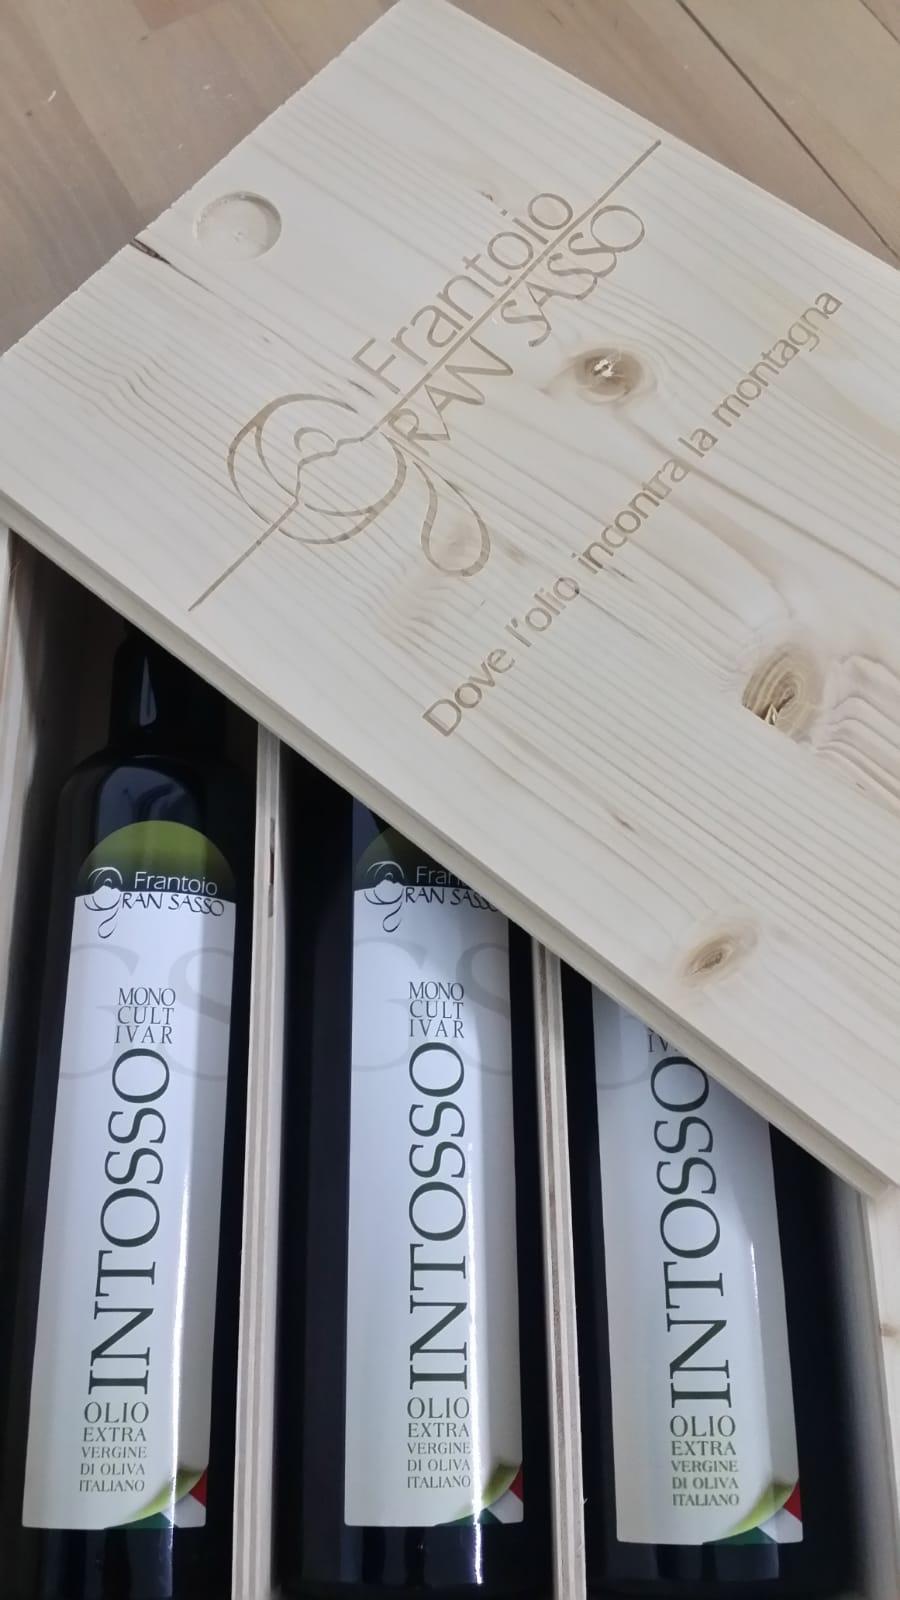 Cassetta Intosso - Olio extravergine d'oliva di qualità superiore